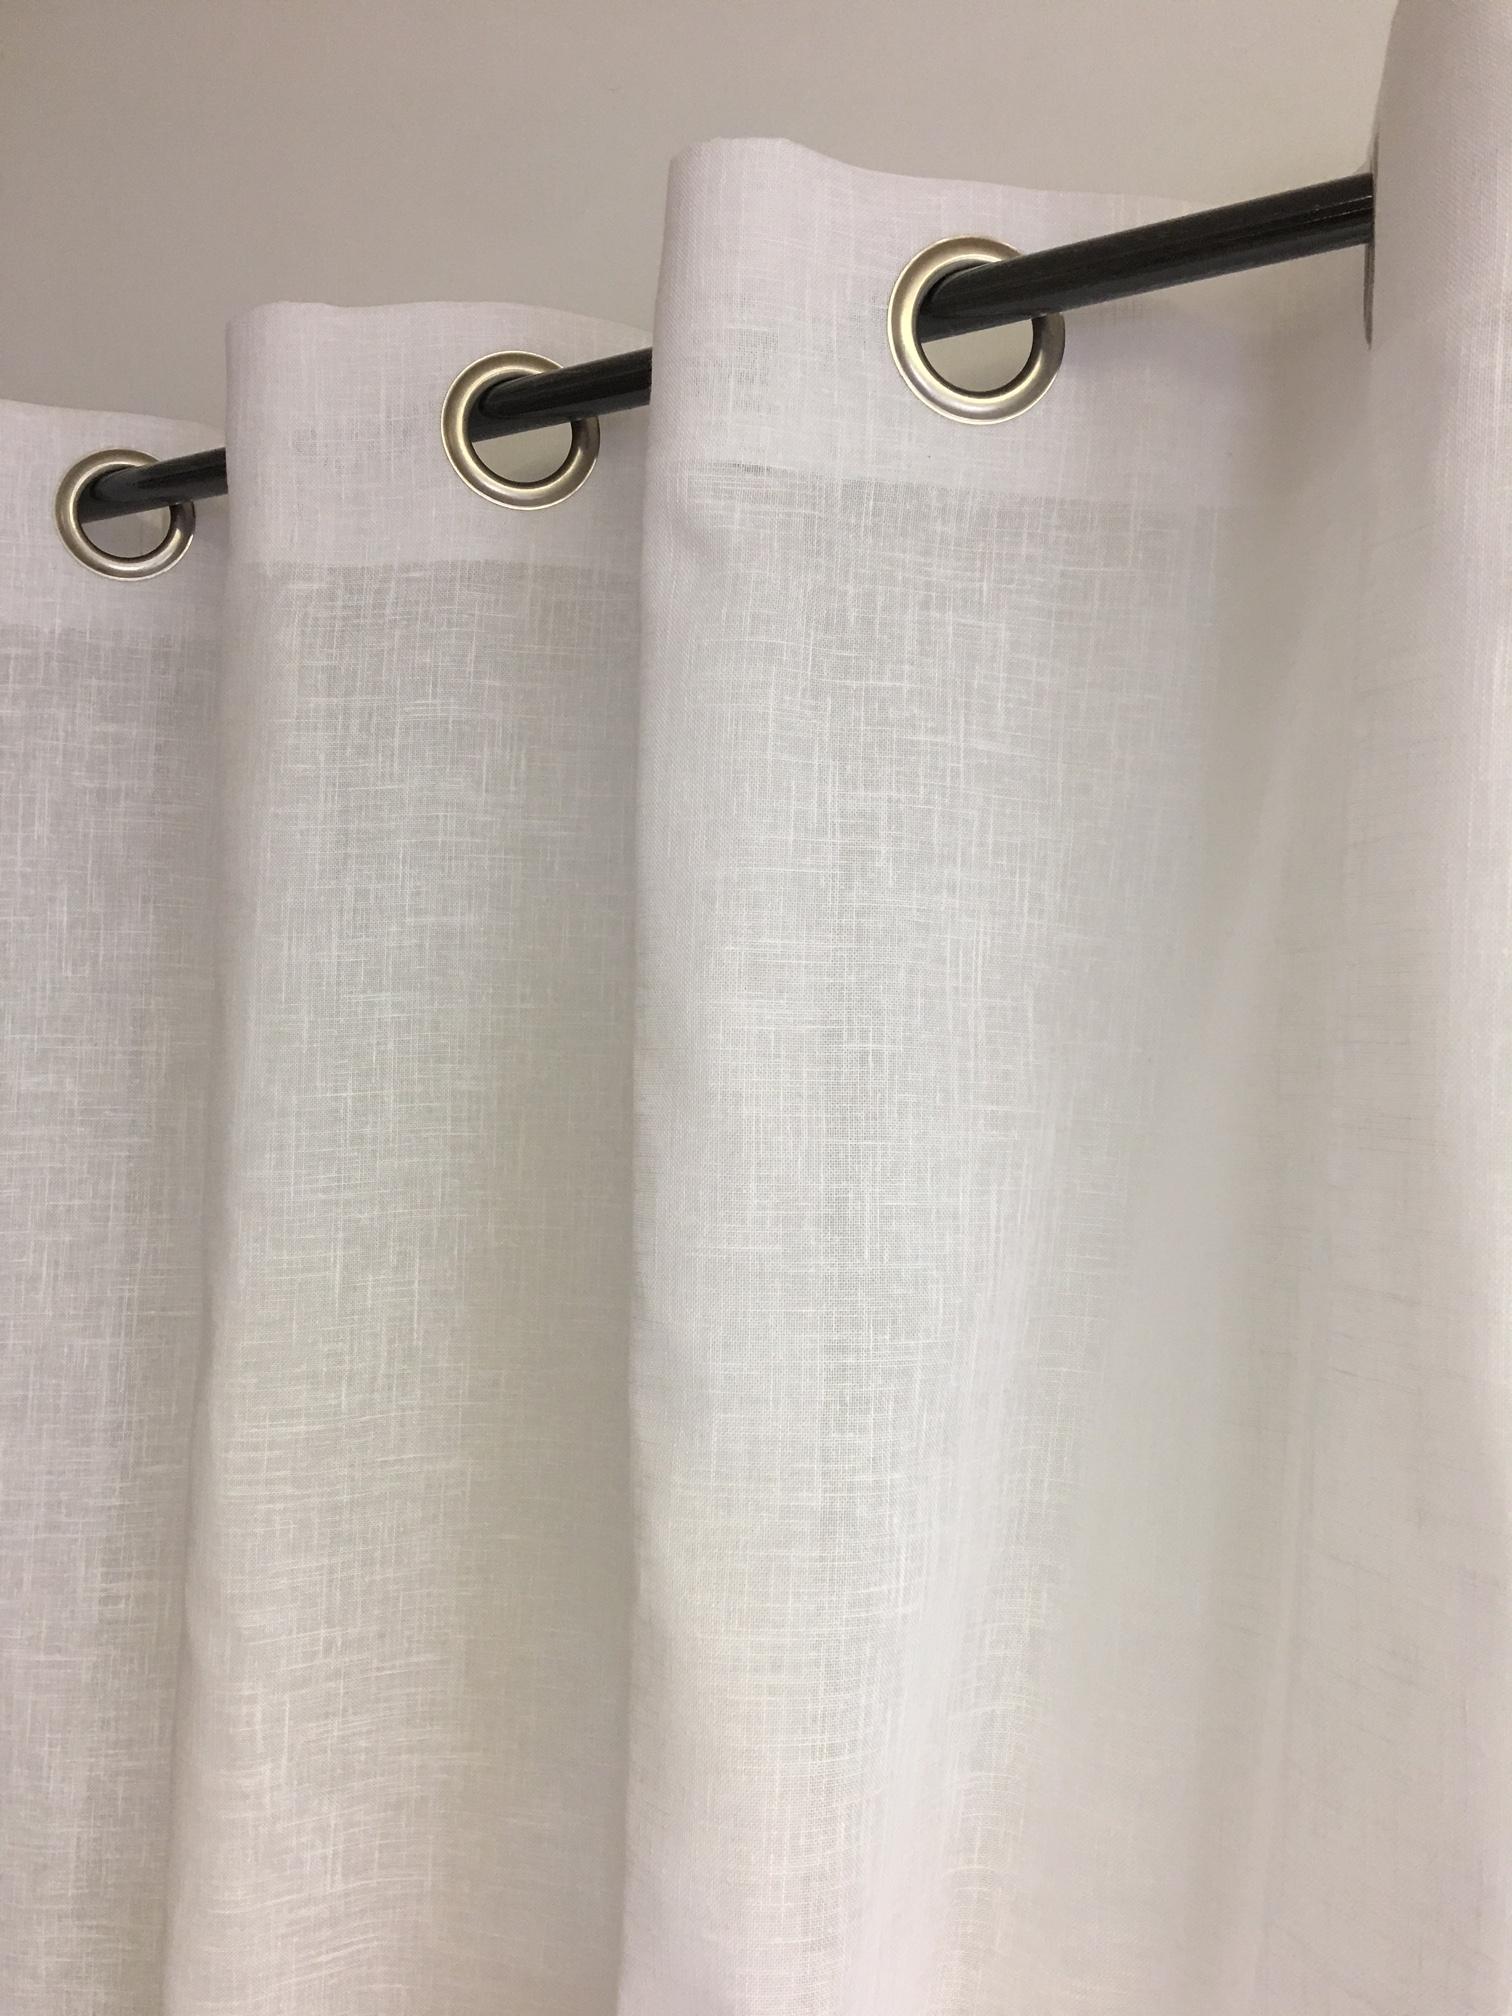 Comment Installer Rideau Et Voilage voilage chic aspect lin blanc